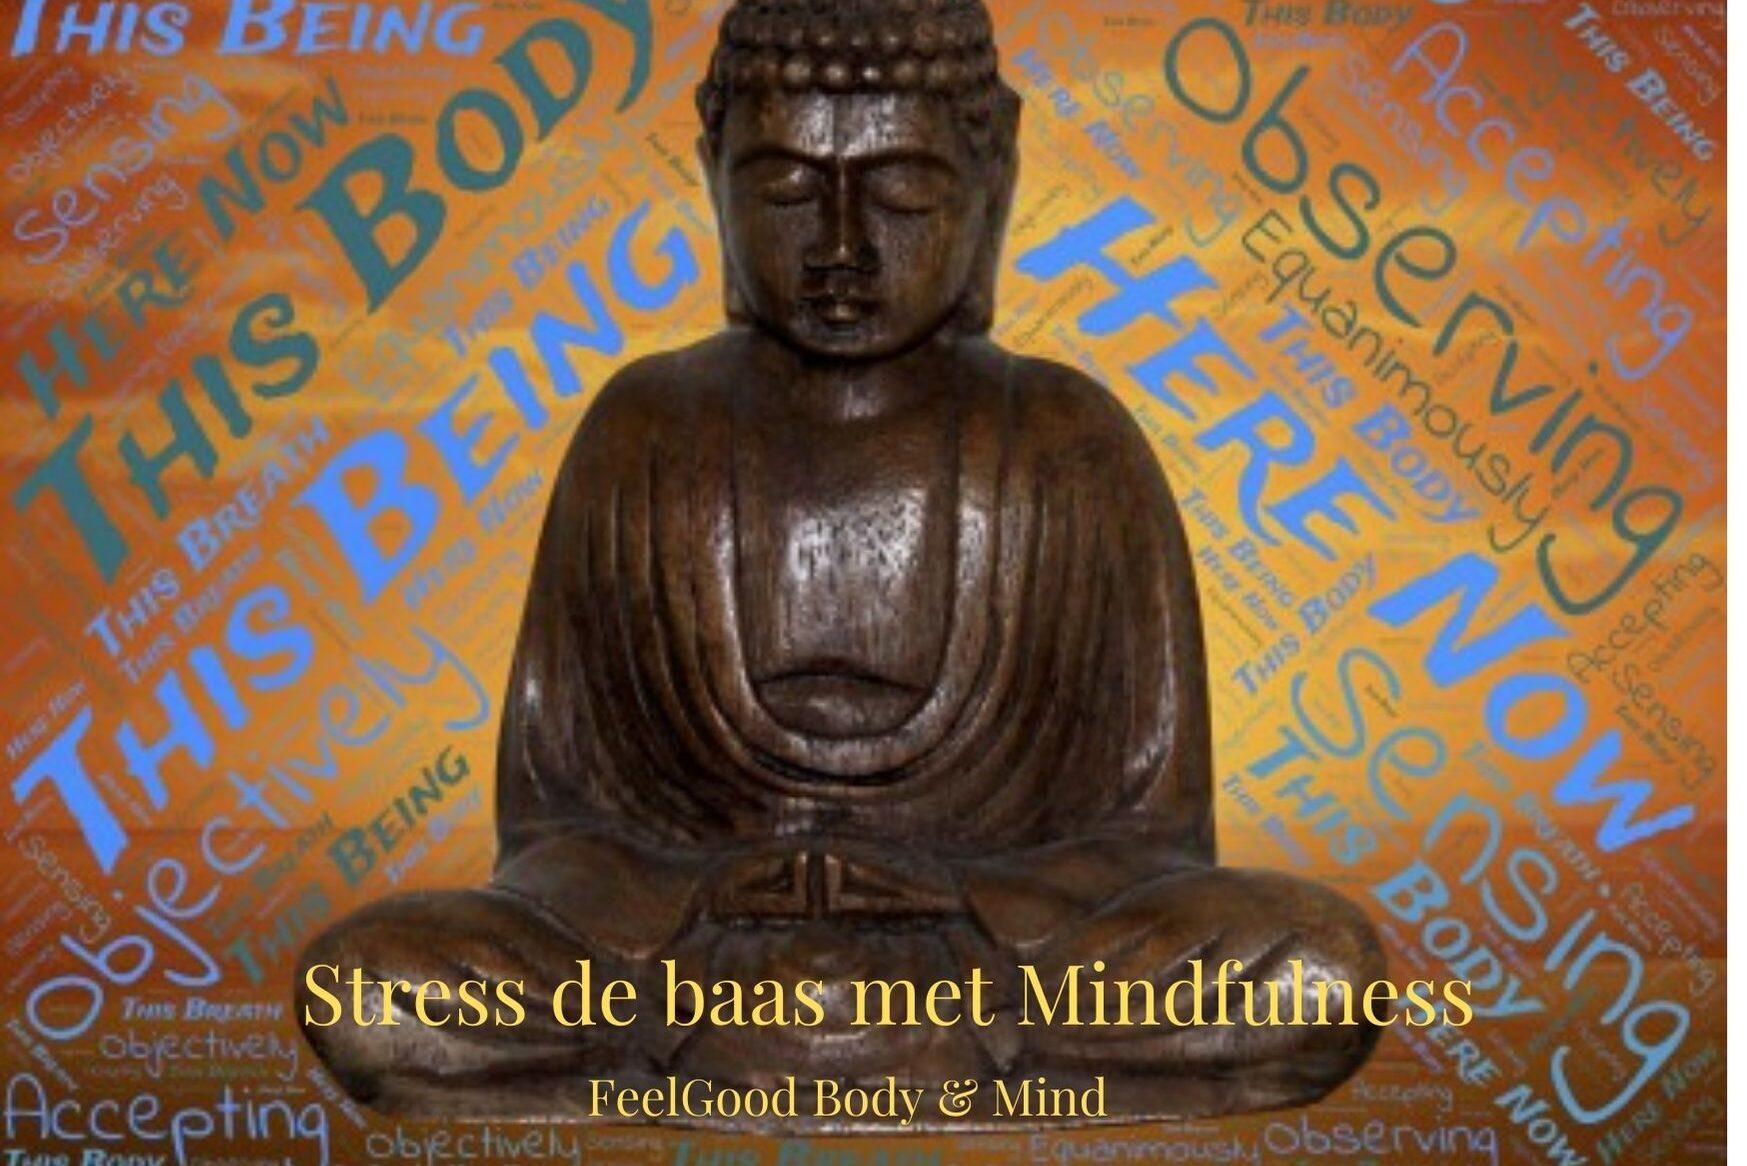 In deze cursus word je de stress de baas met mindfulness